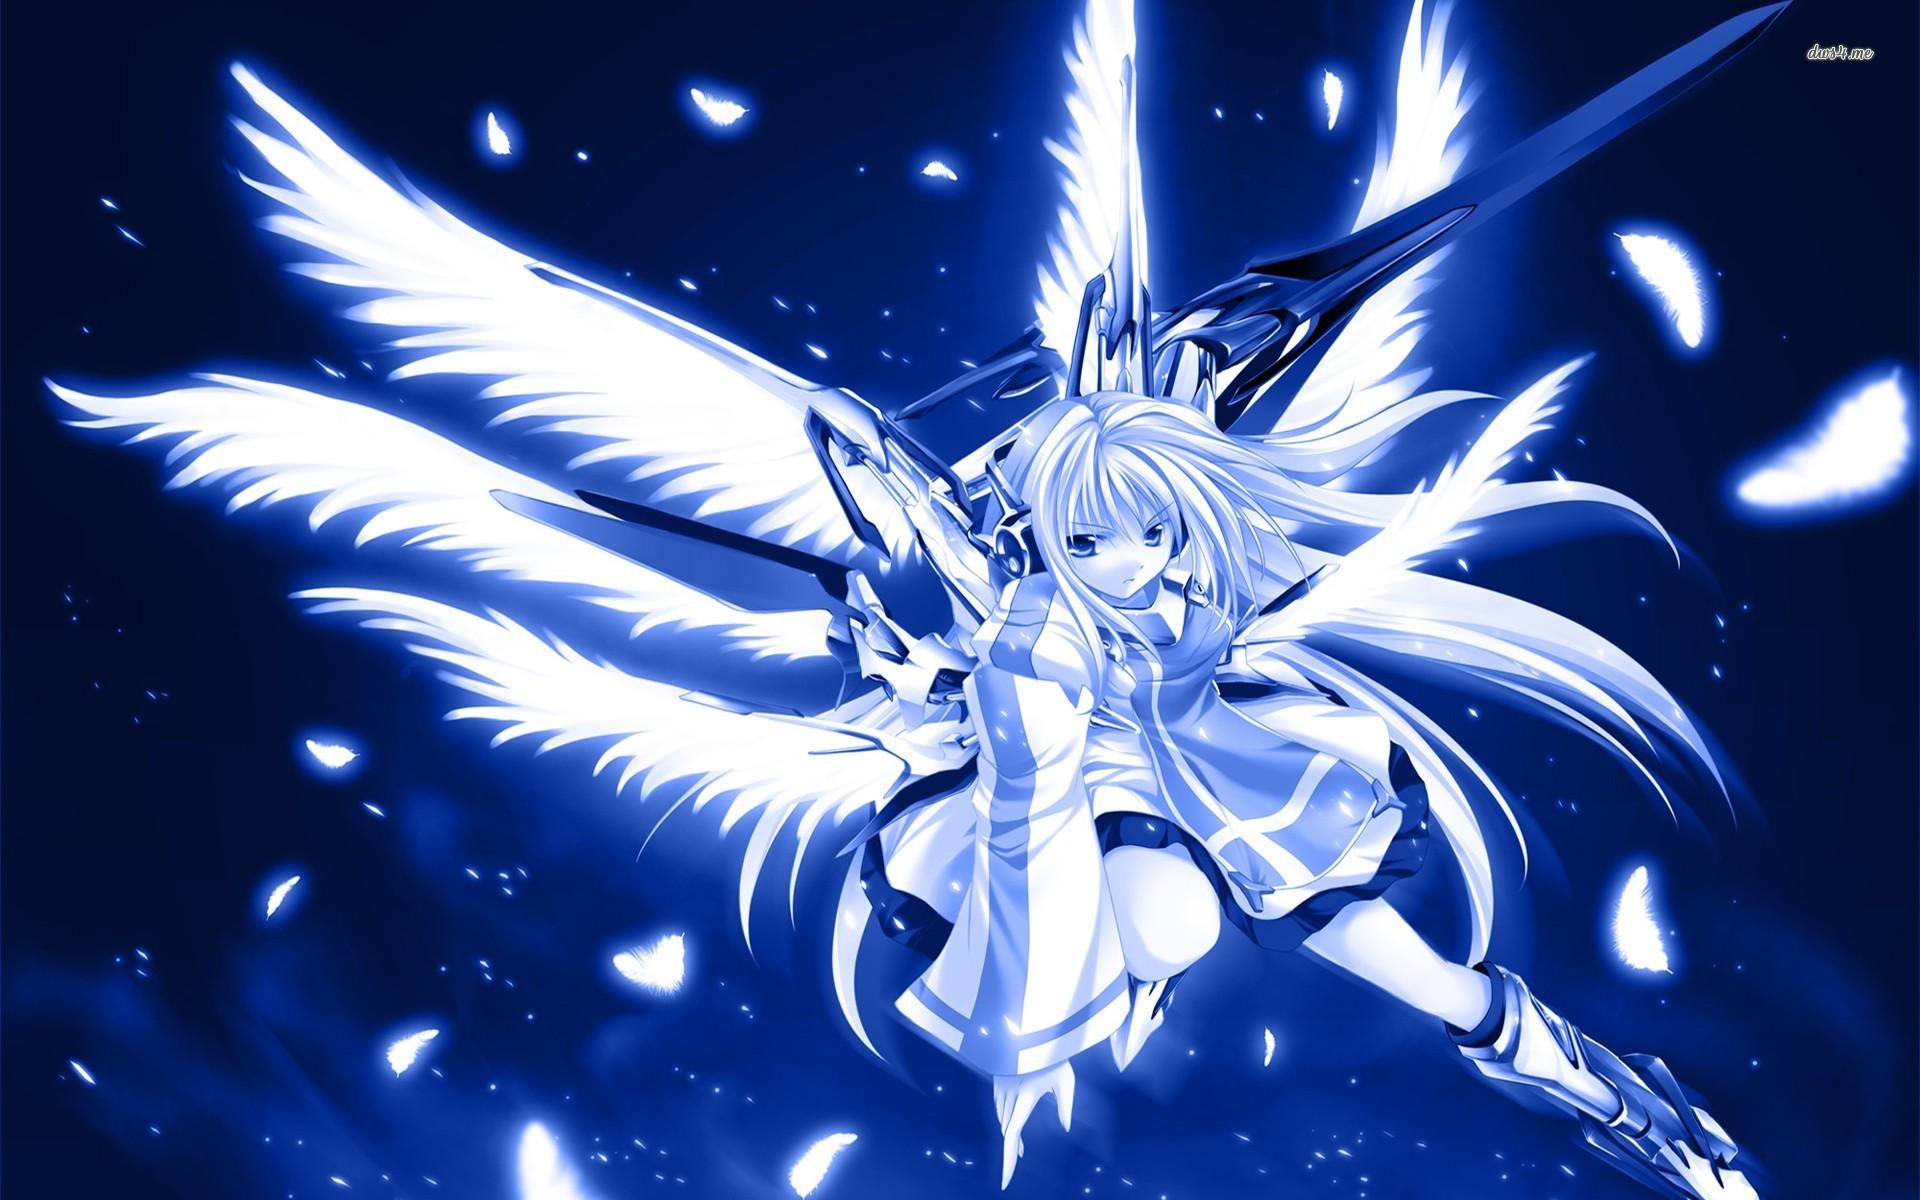 Blue anime wallpaper wallpapersafari - Anime blue girl wallpaper ...